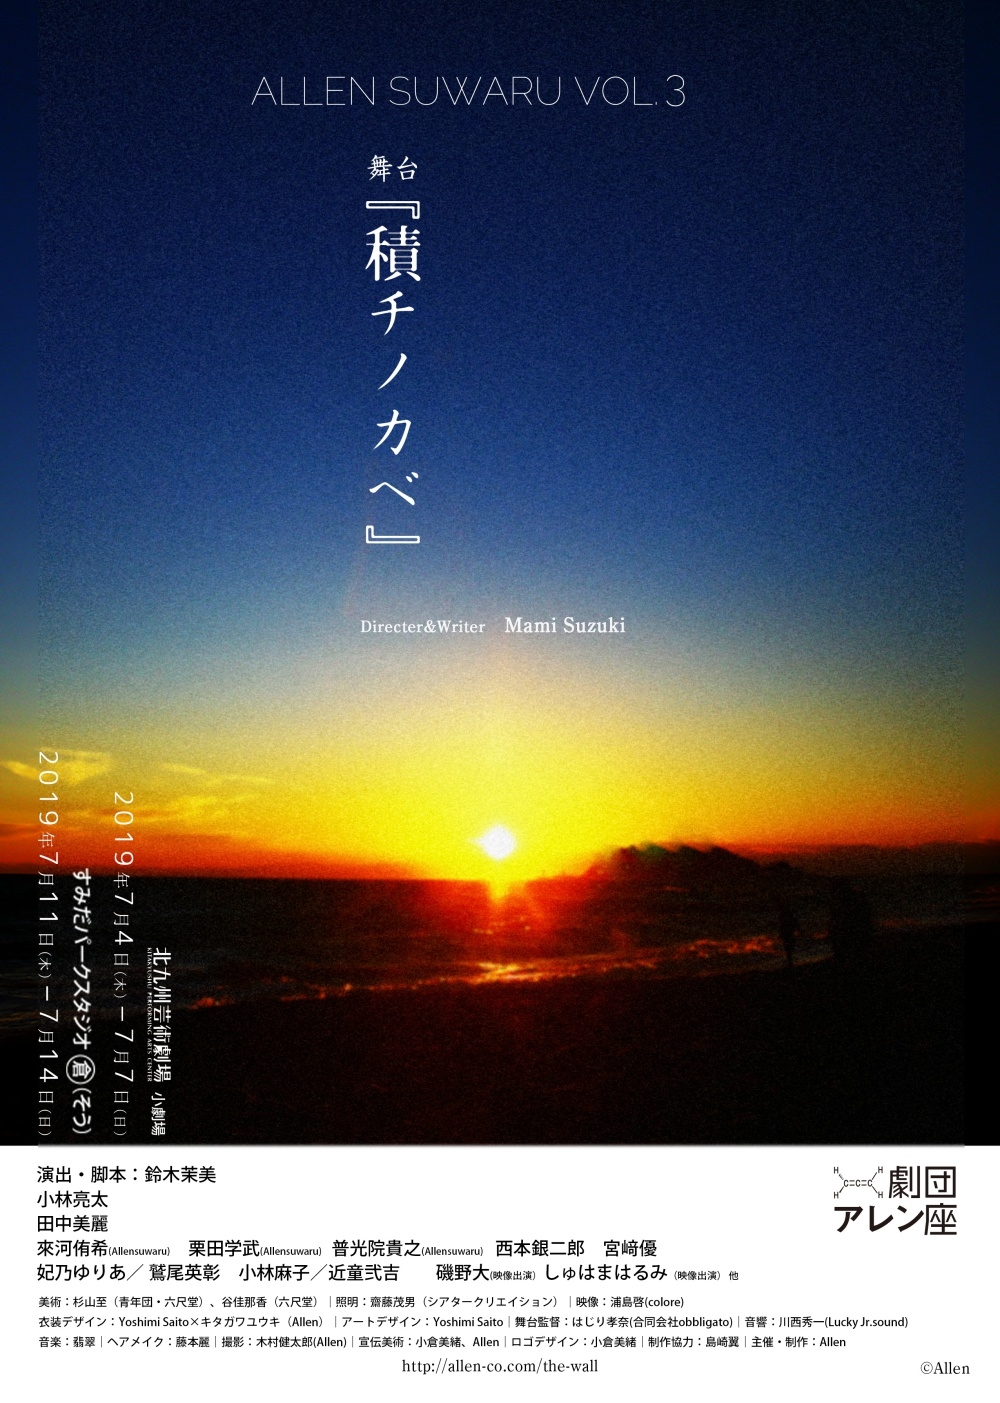 舞台『積チノカベ』アニメイトオンラインショップにてチケット先行抽選販売が5月17日(金)10時より開始!